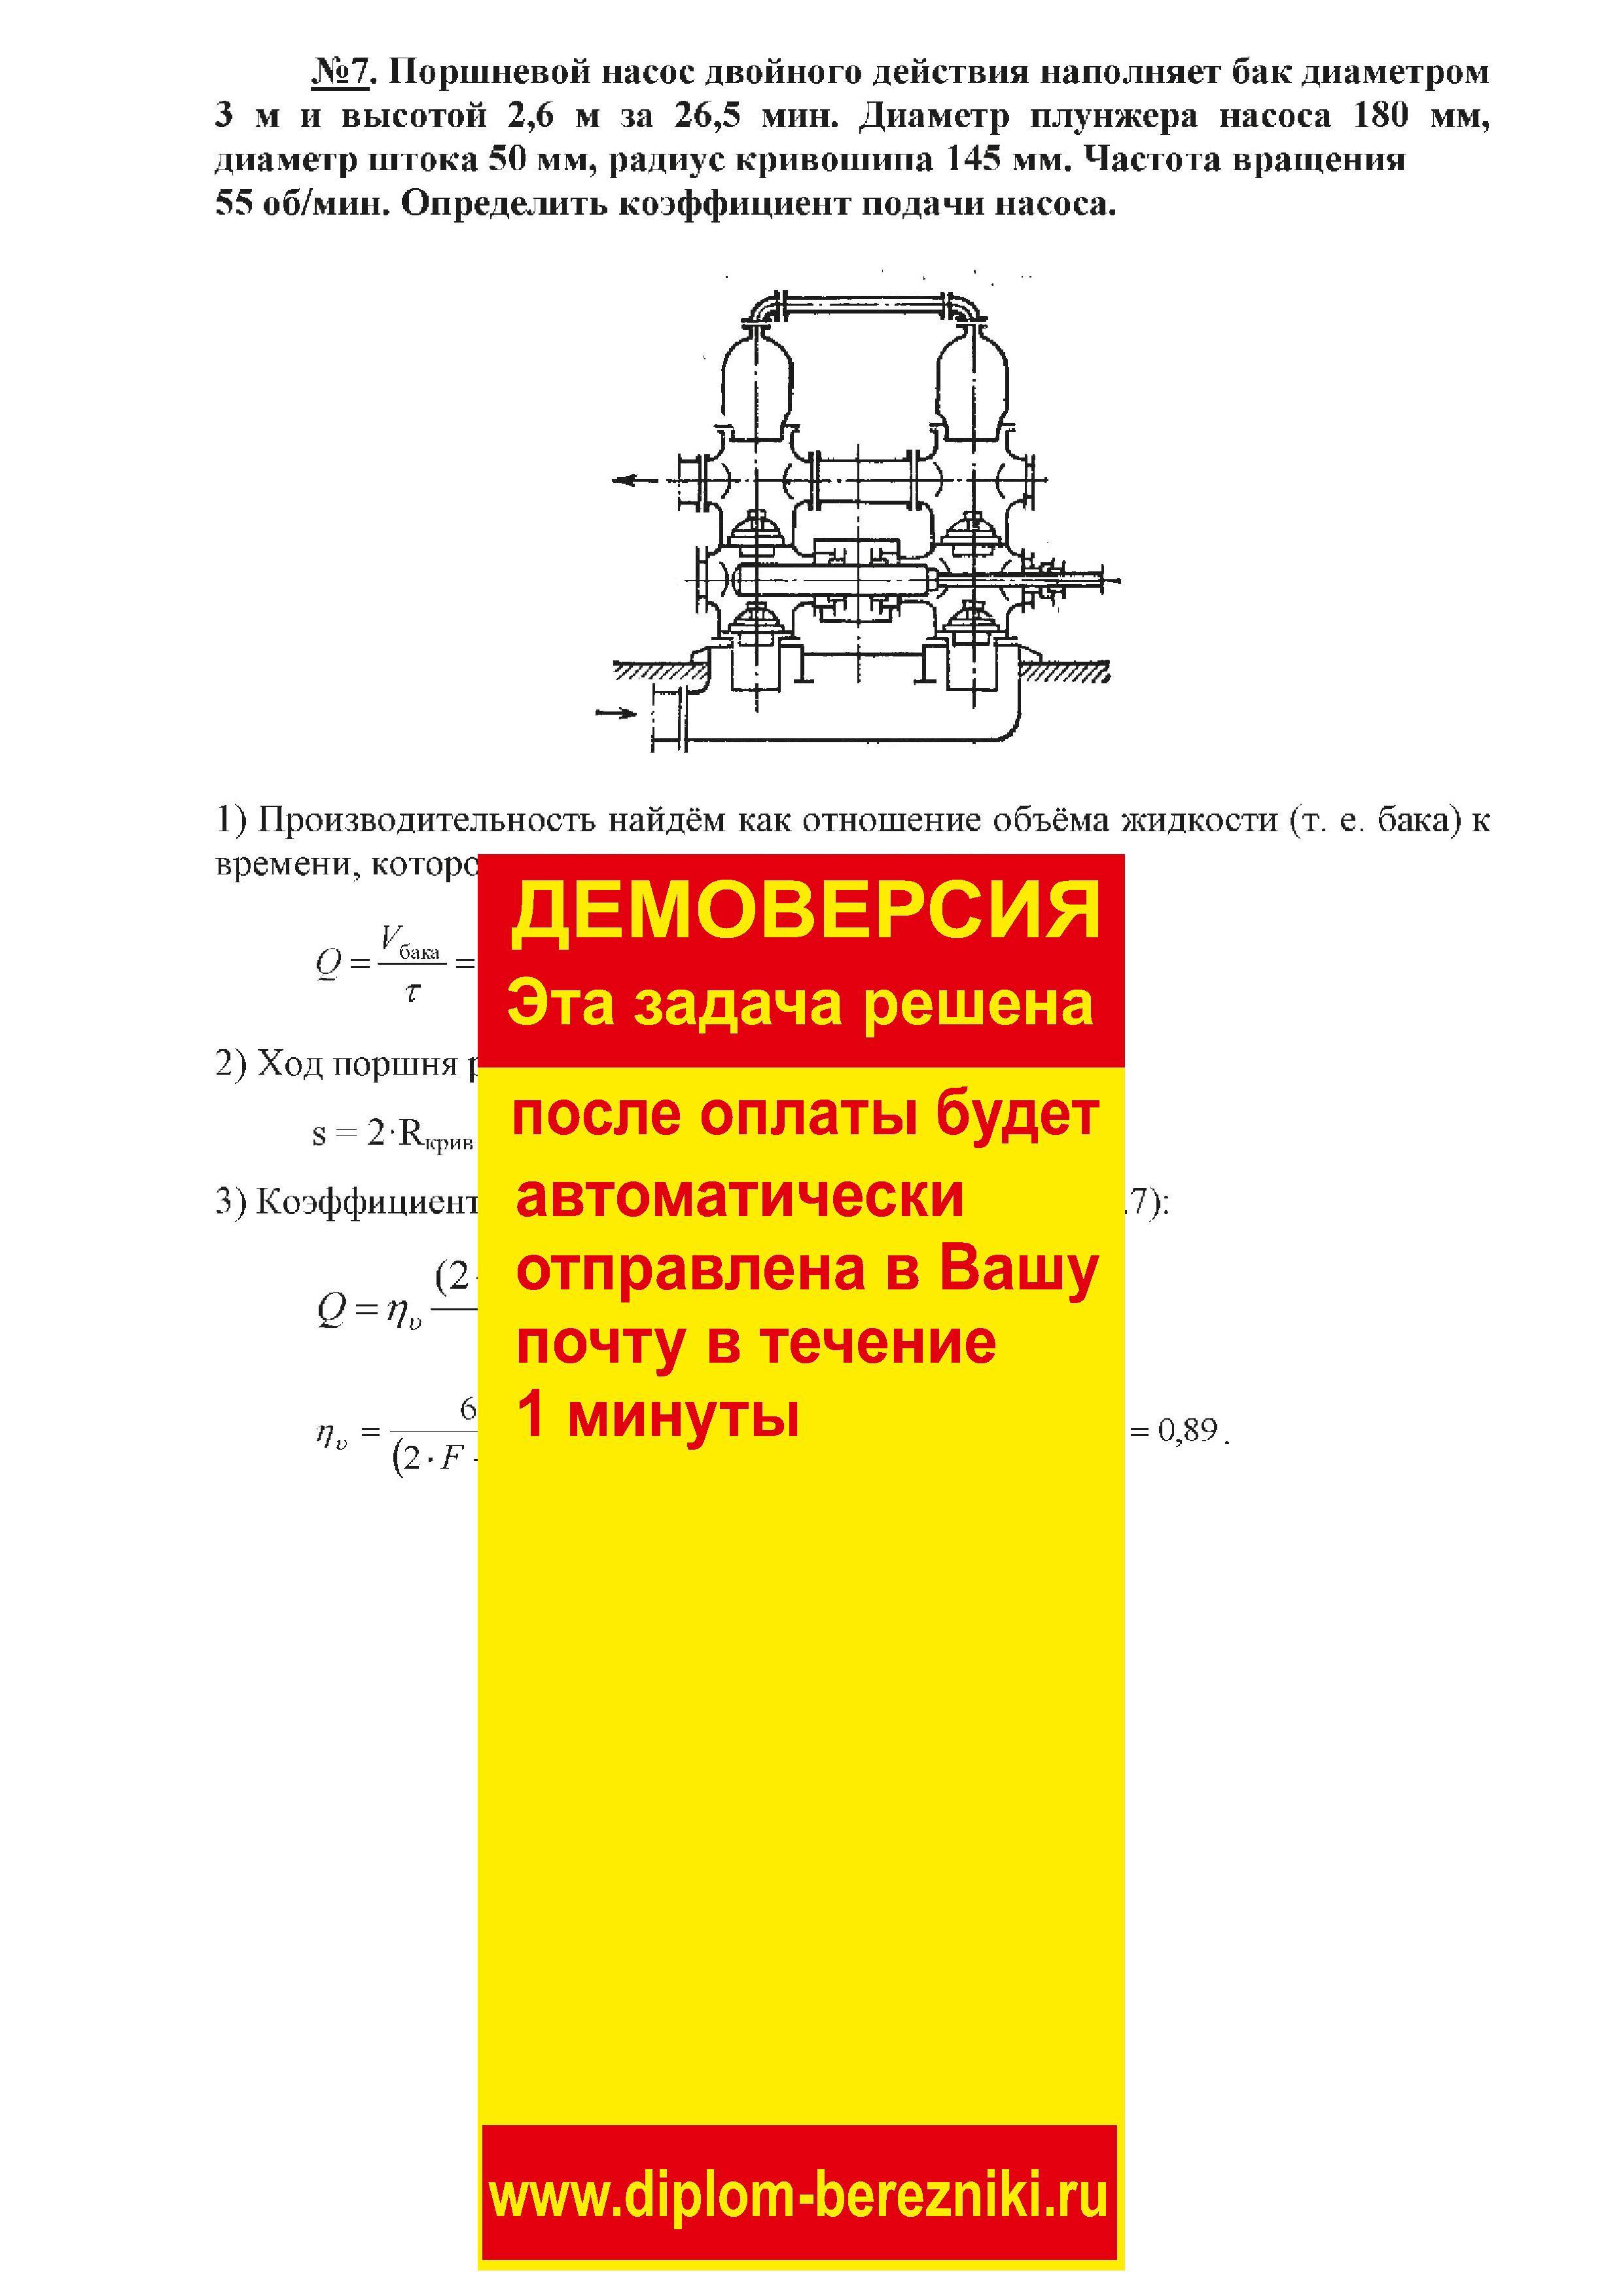 Решение задачи 2.7 по ПАХТ из задачника Павлова Романкова Носкова